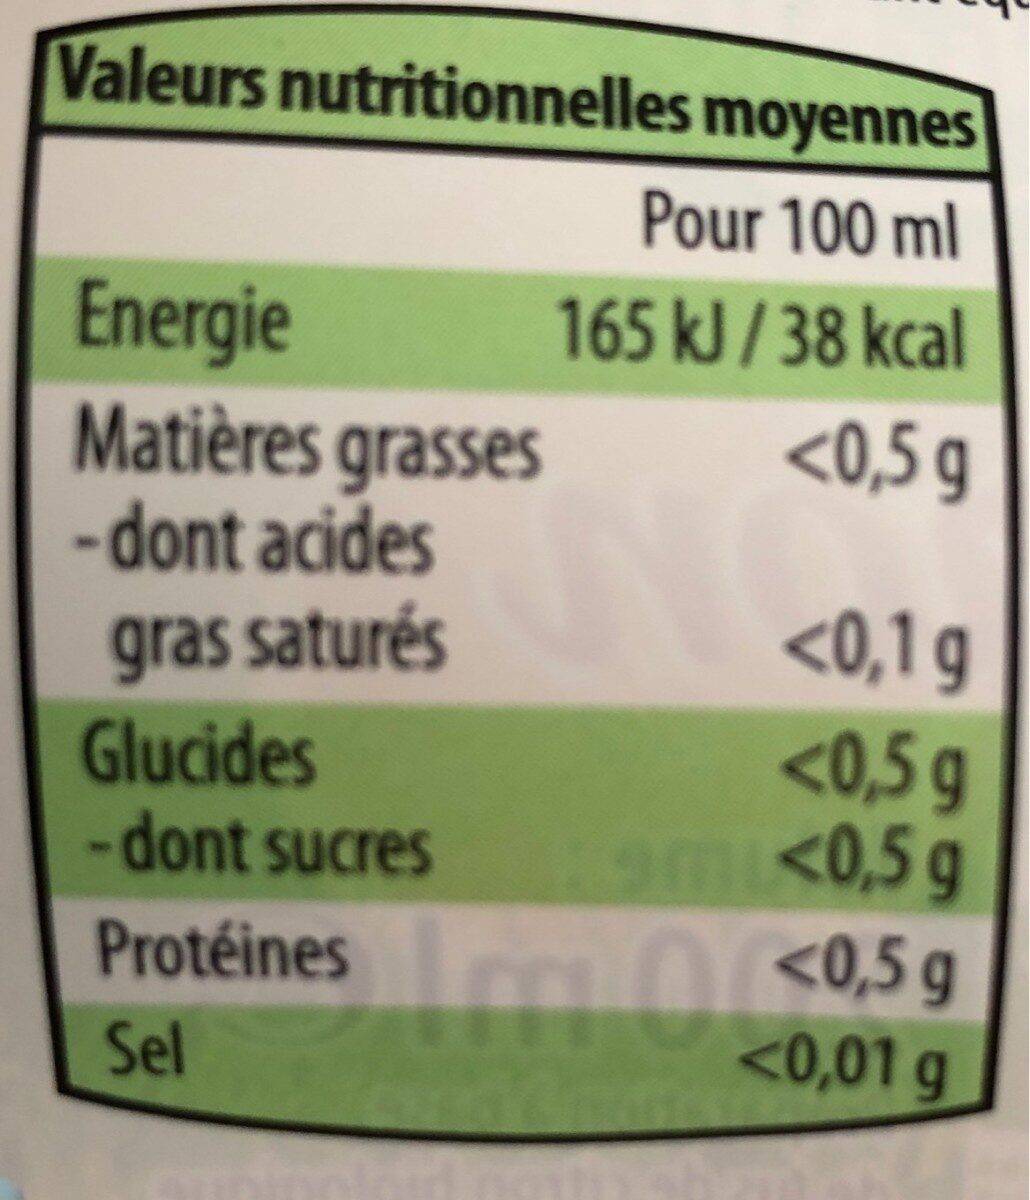 Jus de citron biologique - Nutrition facts